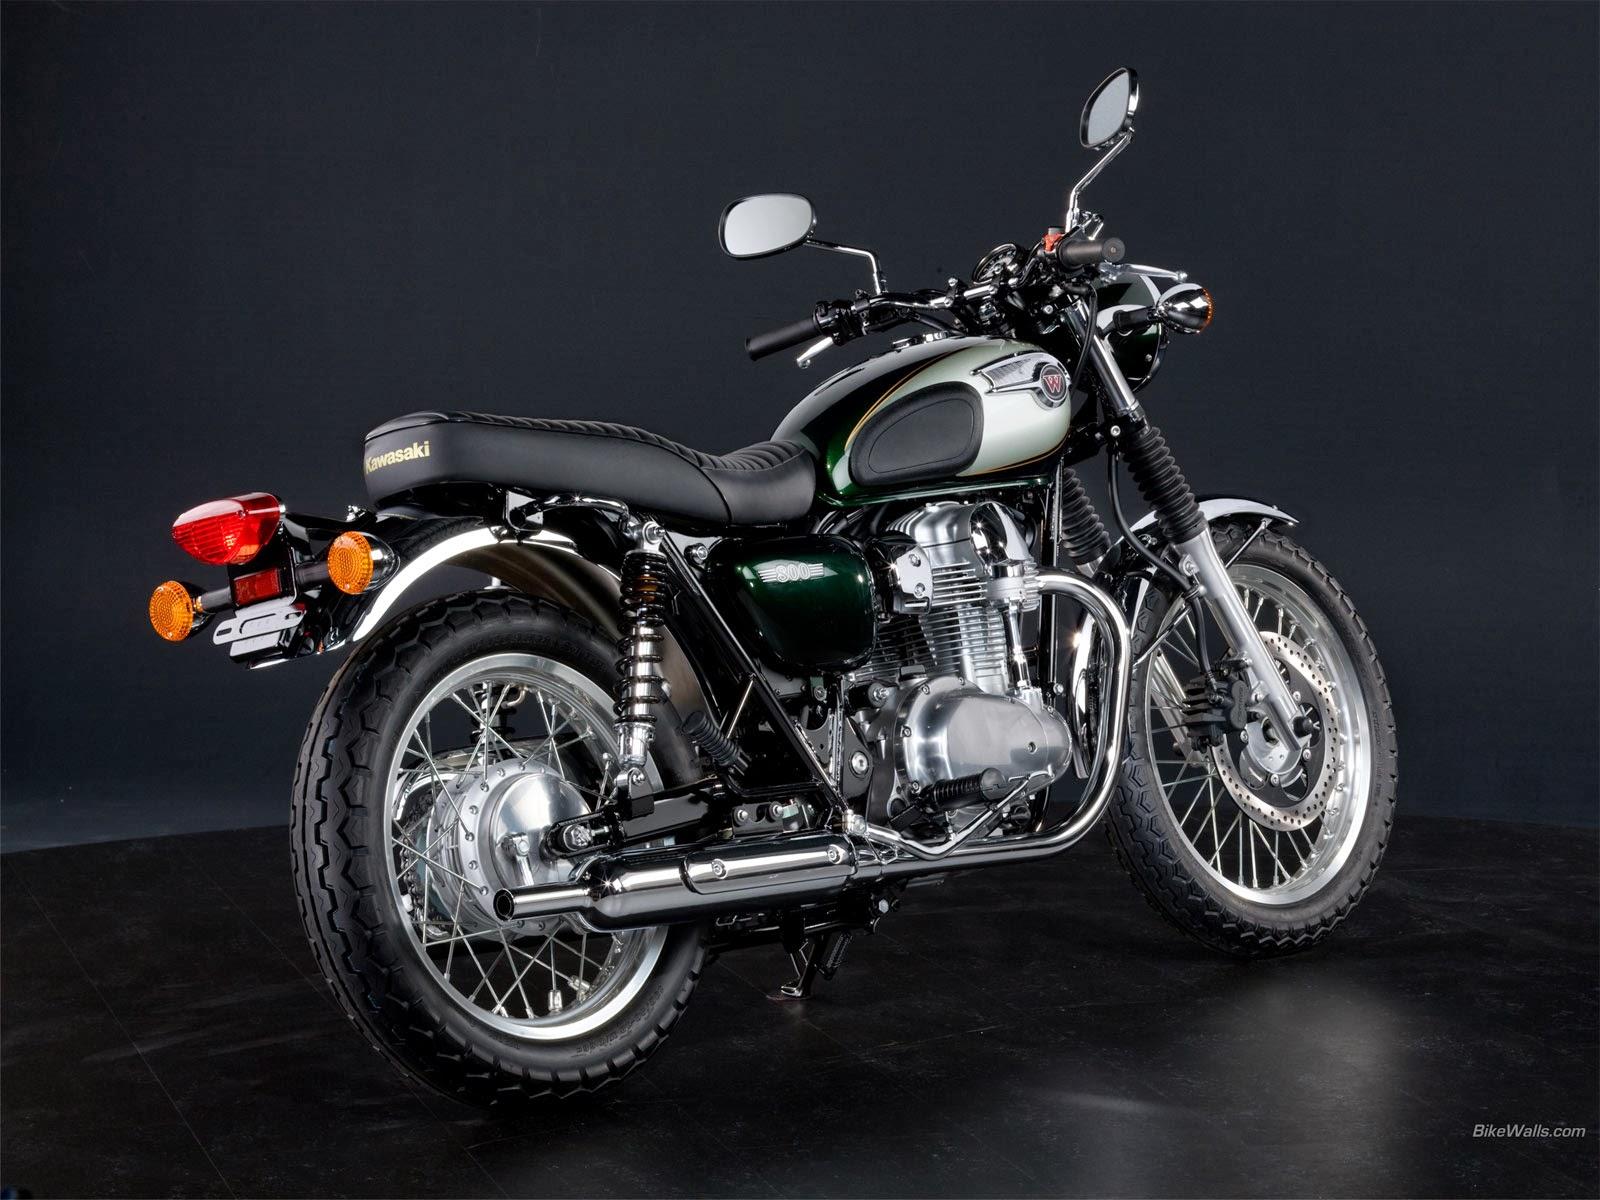 Kawasaki w 800 kawasaki motor kawasaki w 800 fotoraflar kawasaki w 800 modelleri kawasaki w 800 motor resimleri kawasaki w 800 motorlar kawasaki w 800 resimleri altavistaventures Choice Image